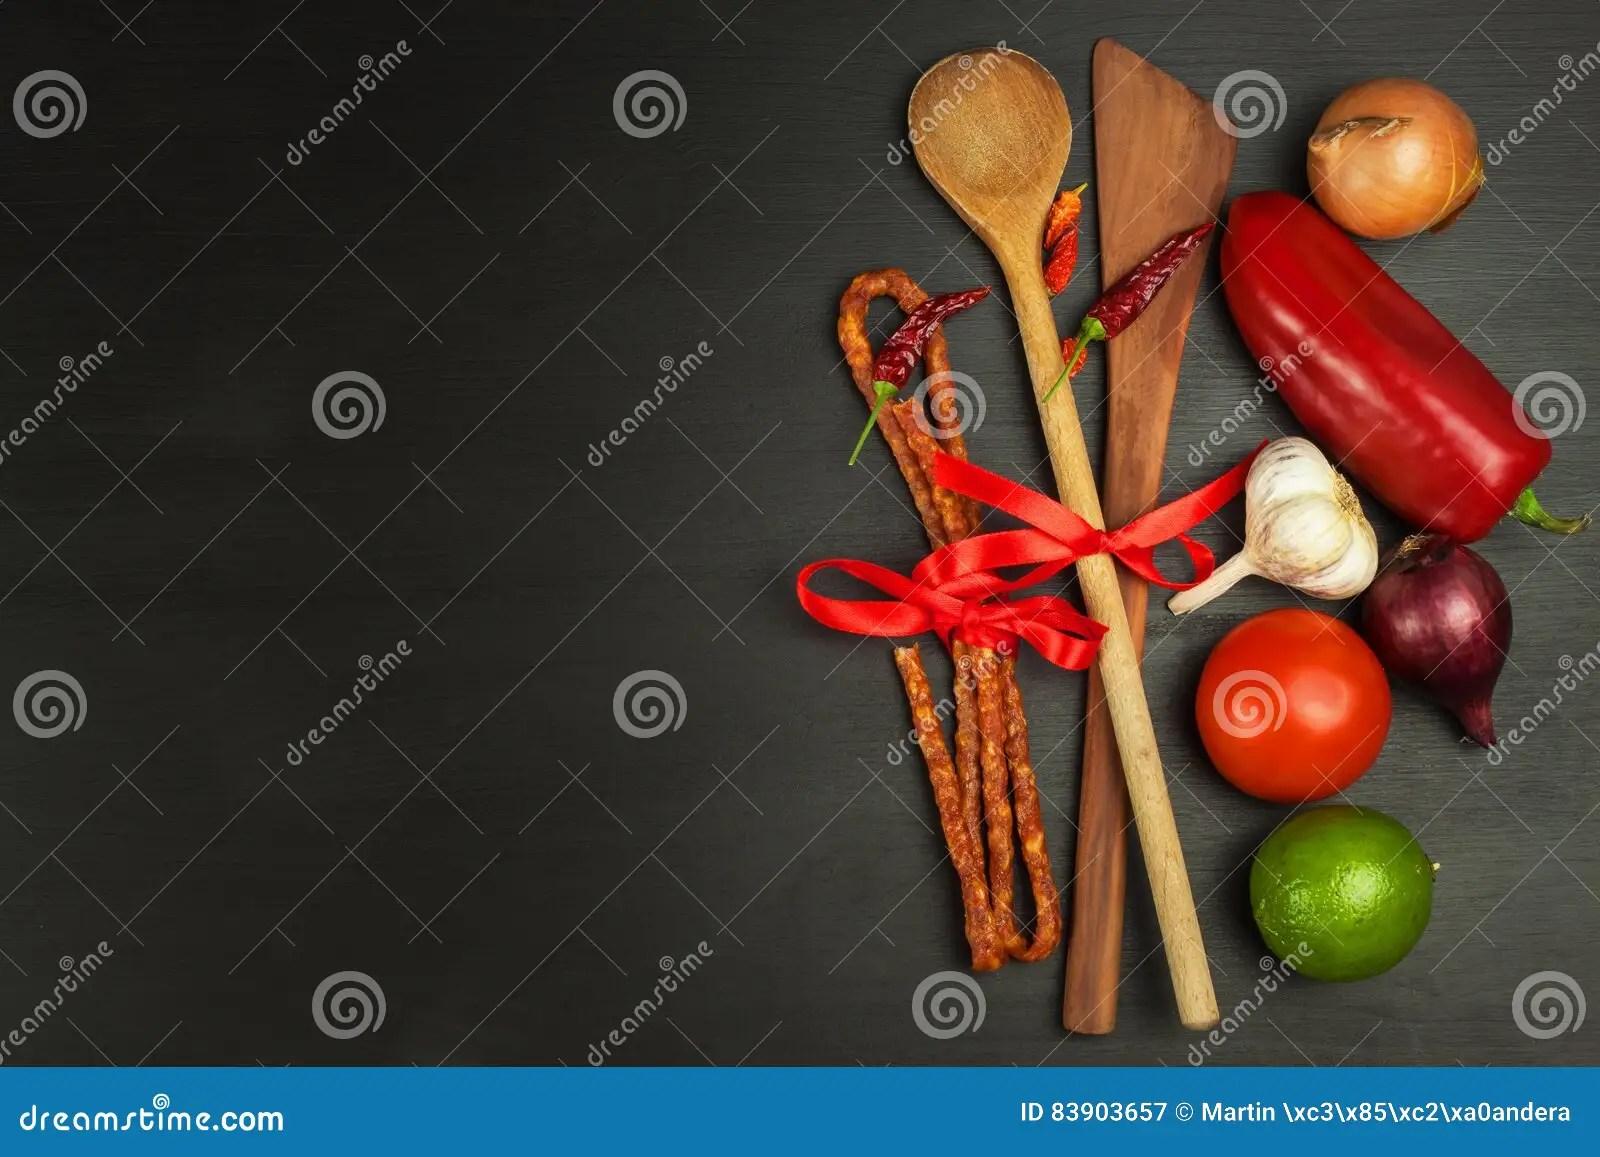 kitchen prep table built in wine racks for cabinets 木匙子和菜在一张黑桌上食物例证厨房准备向量妇女库存图片 图片包括有 木匙子和菜在一张黑桌上食物例证厨房准备向量妇女